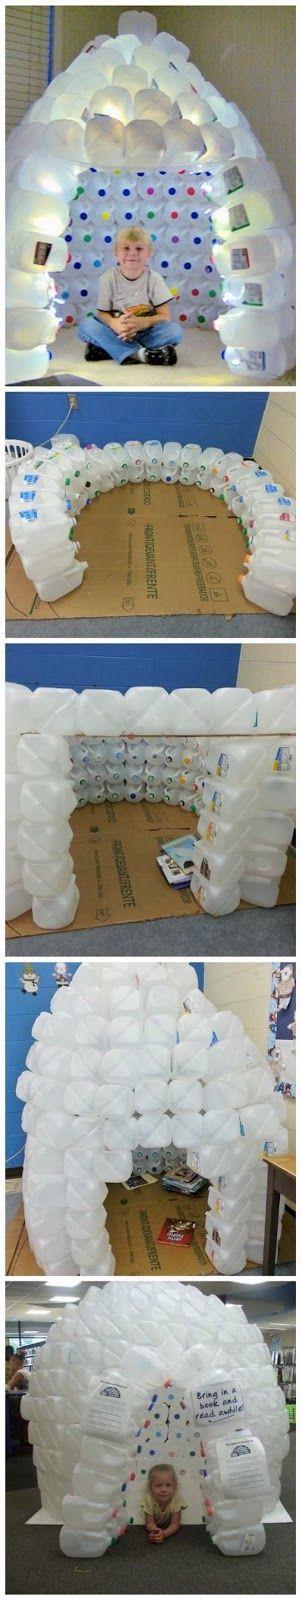 EL MUNDO DEL RECICLAJE: DIY igloo con bidones de plástico